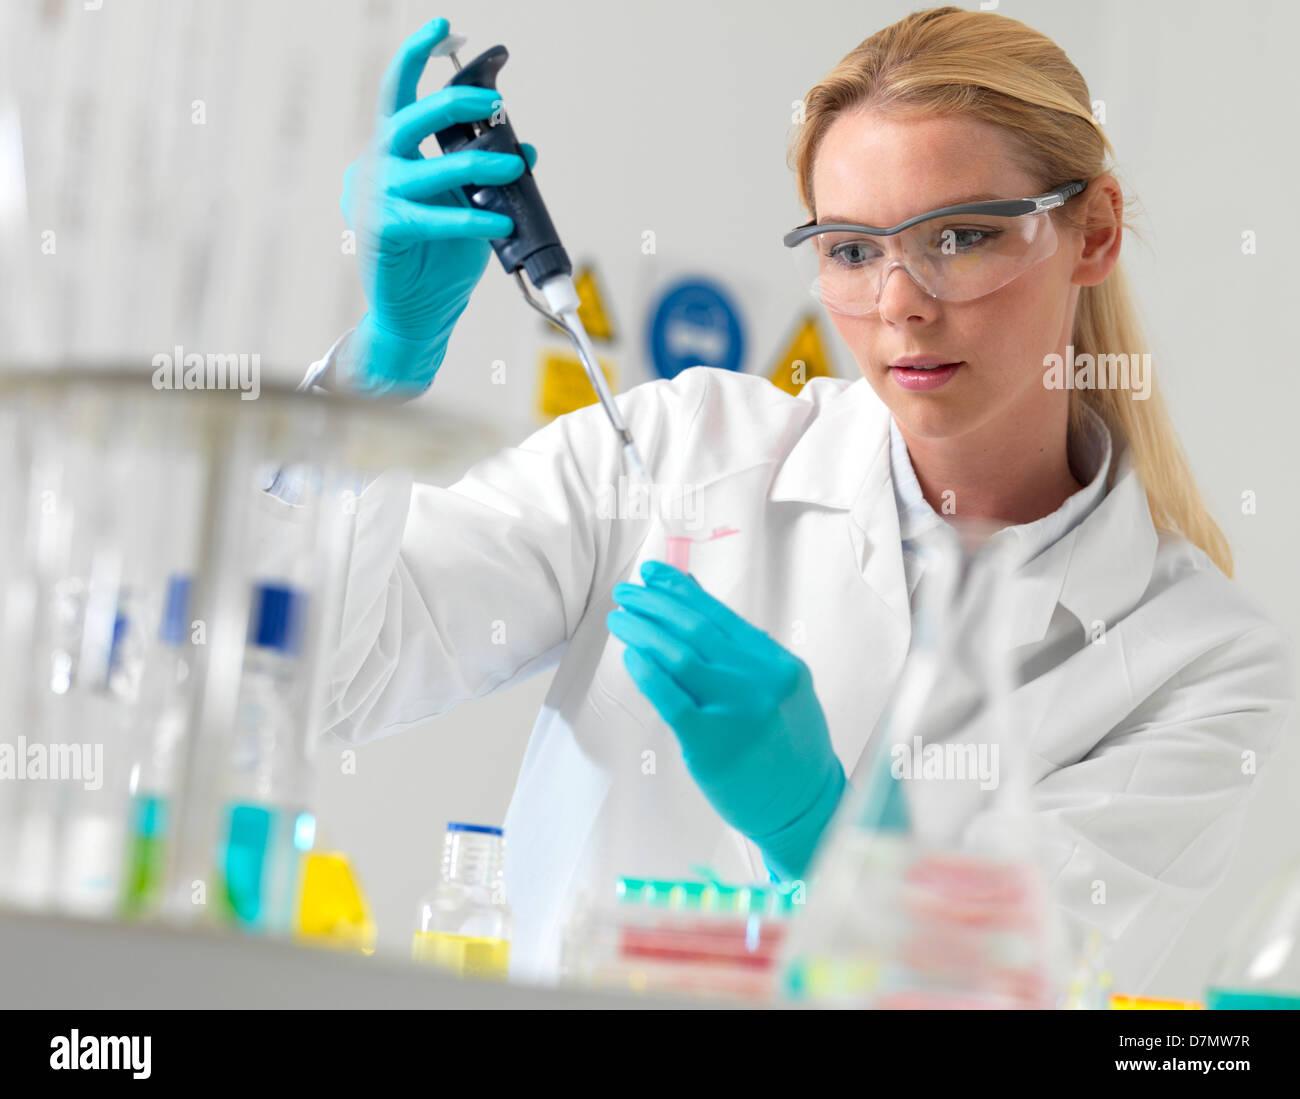 Forscher Pipettieren Flüssigkeit Stockbild